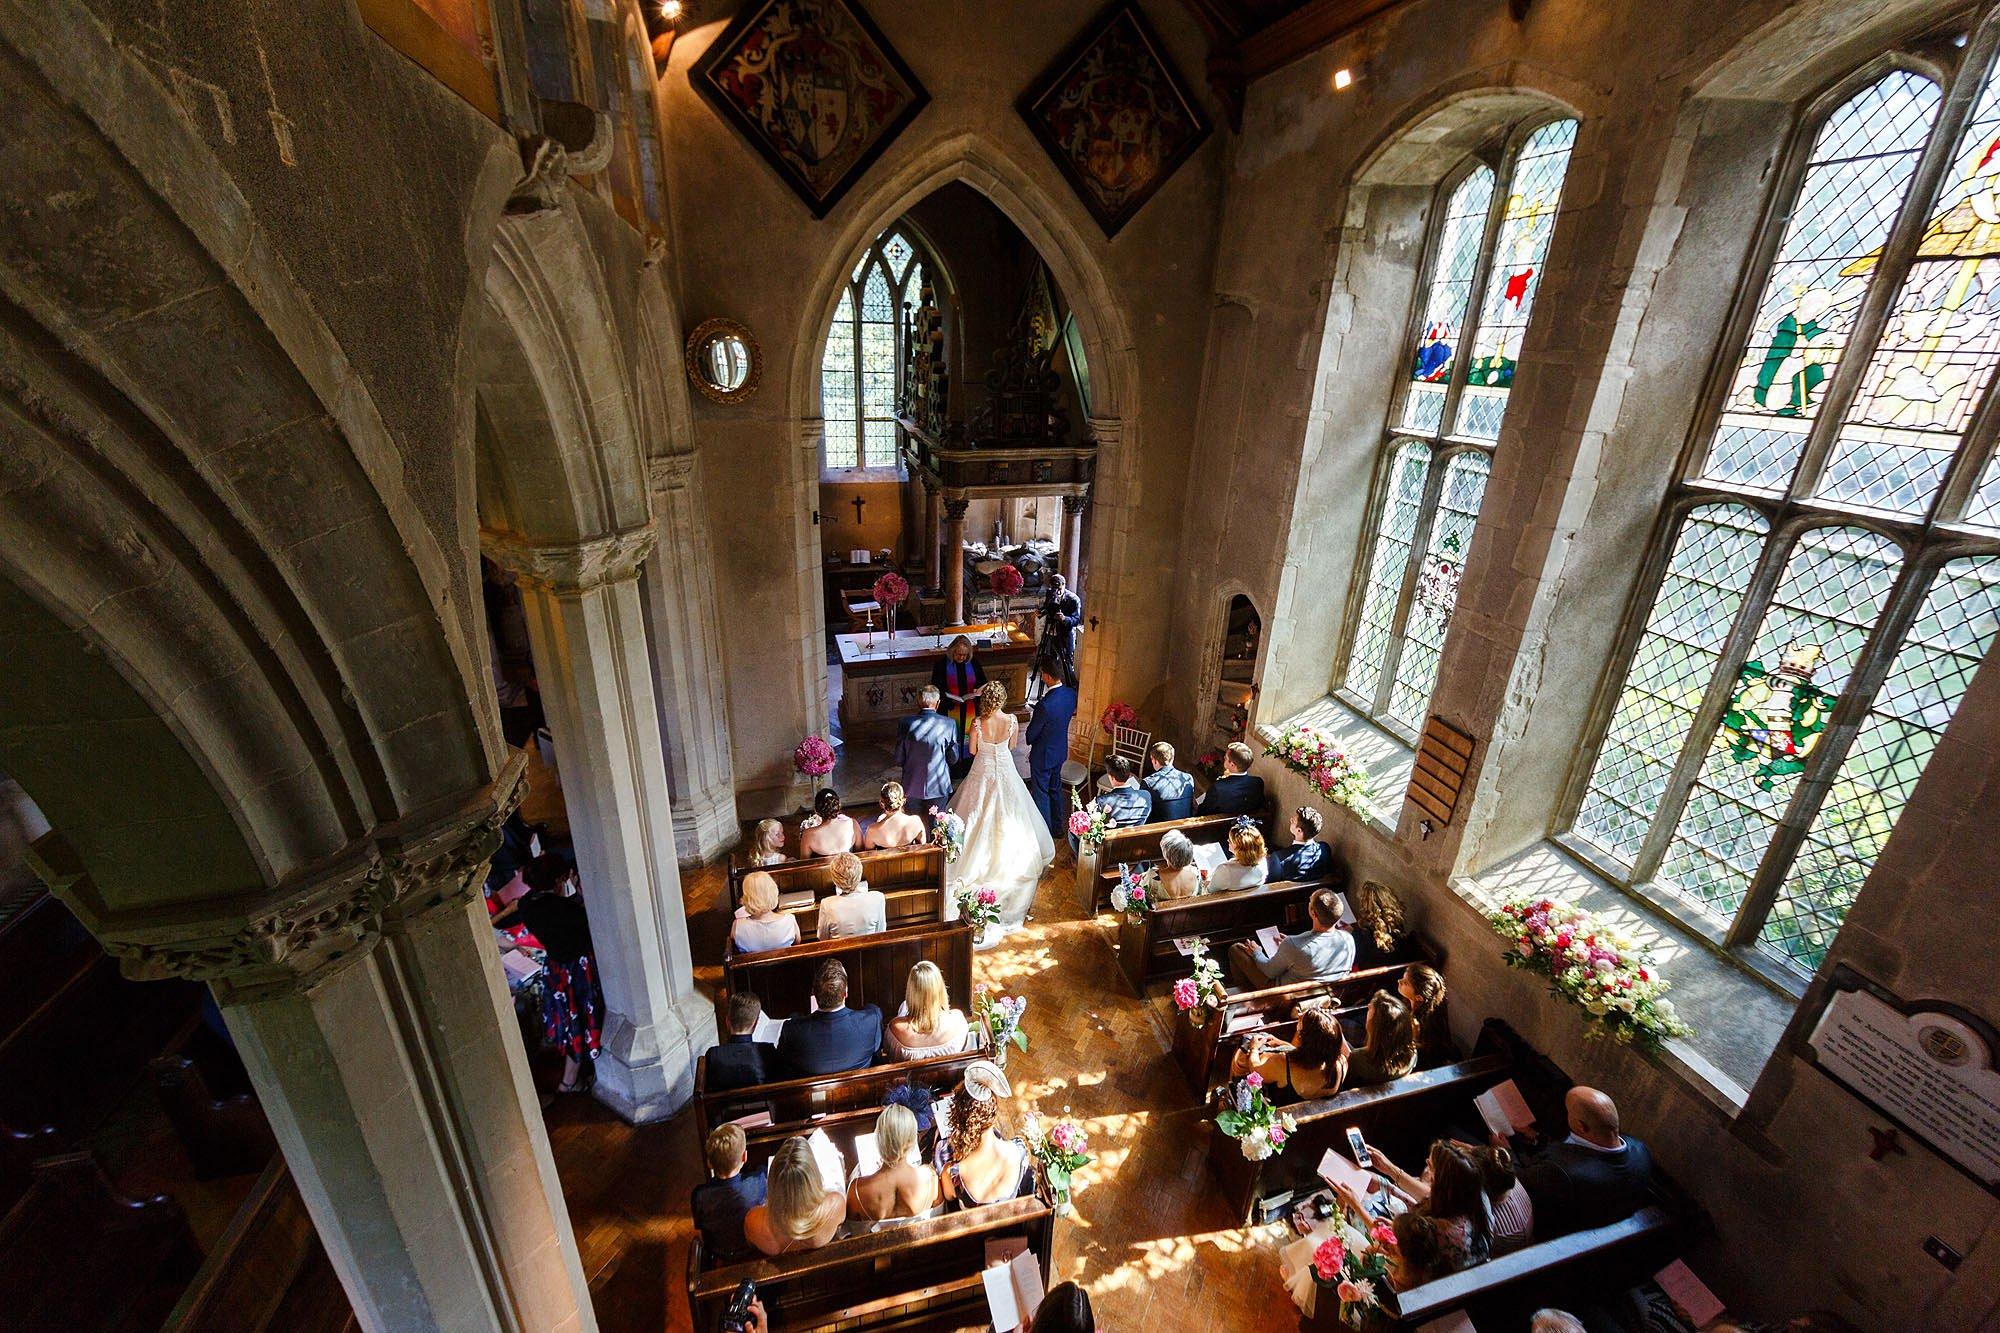 Hengrave wedding